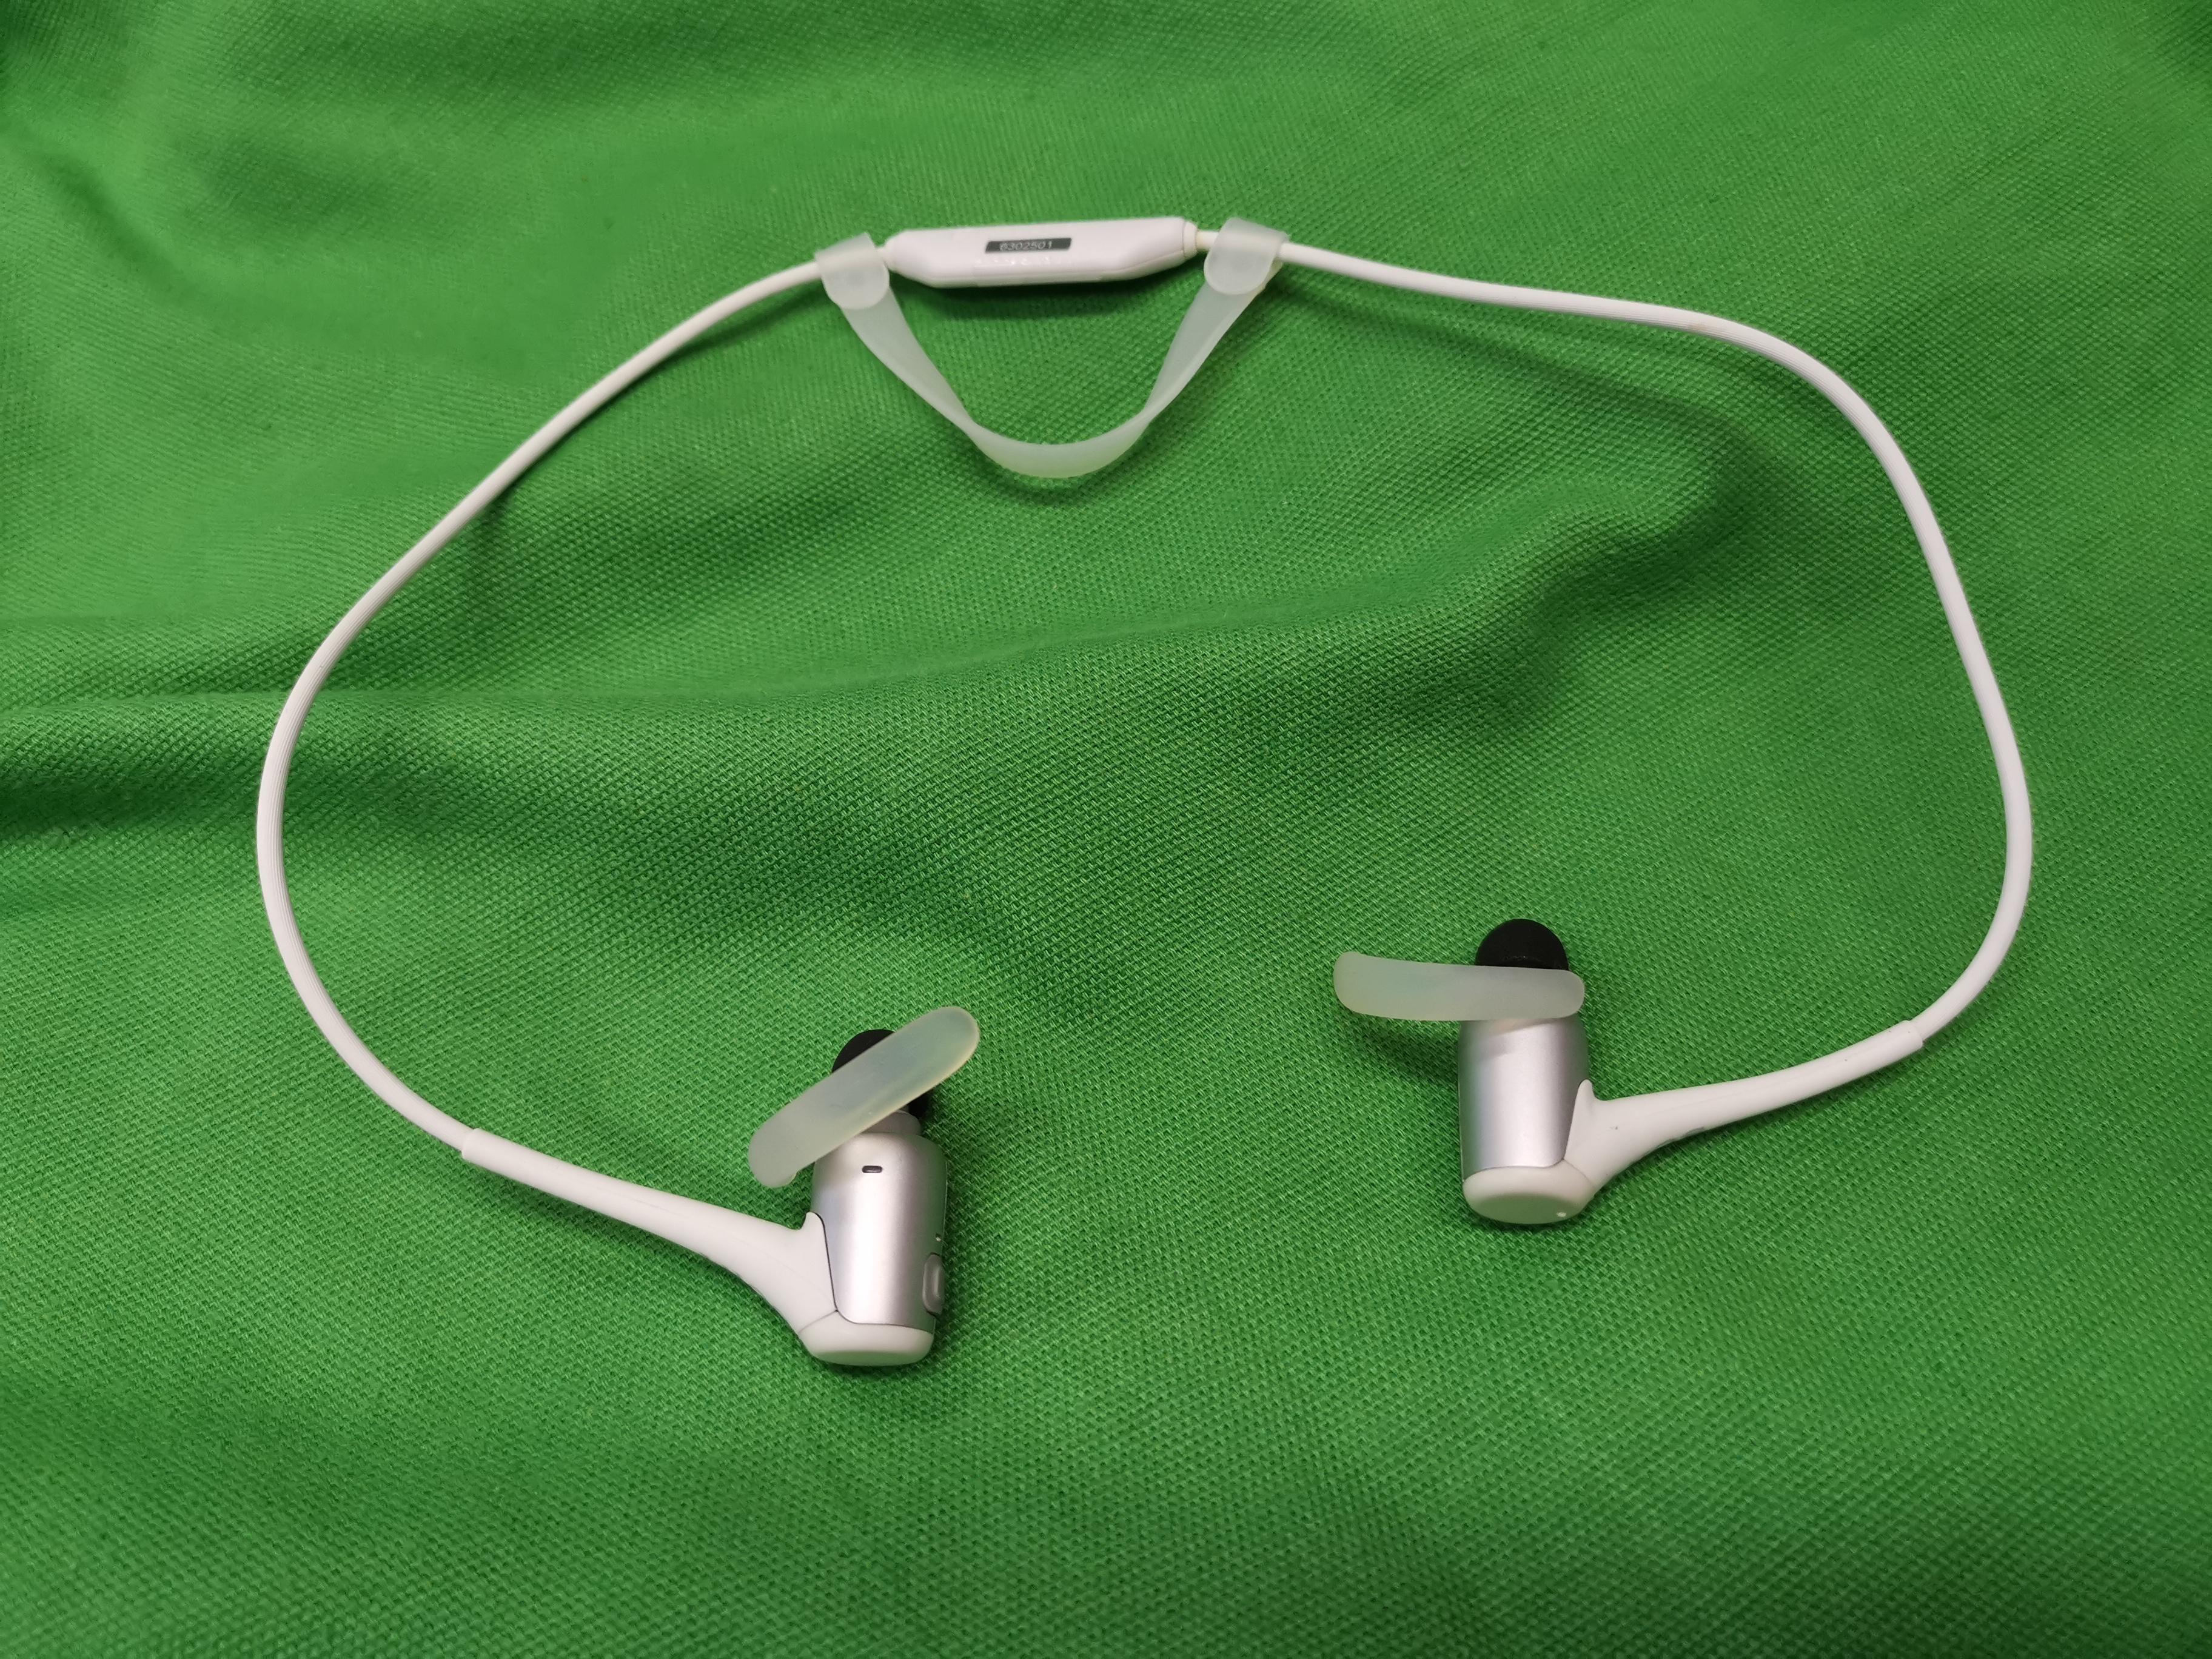 Sony MDR-AS800BT vezeték nélküli bluetooth fülhallgató, kiemelt kép